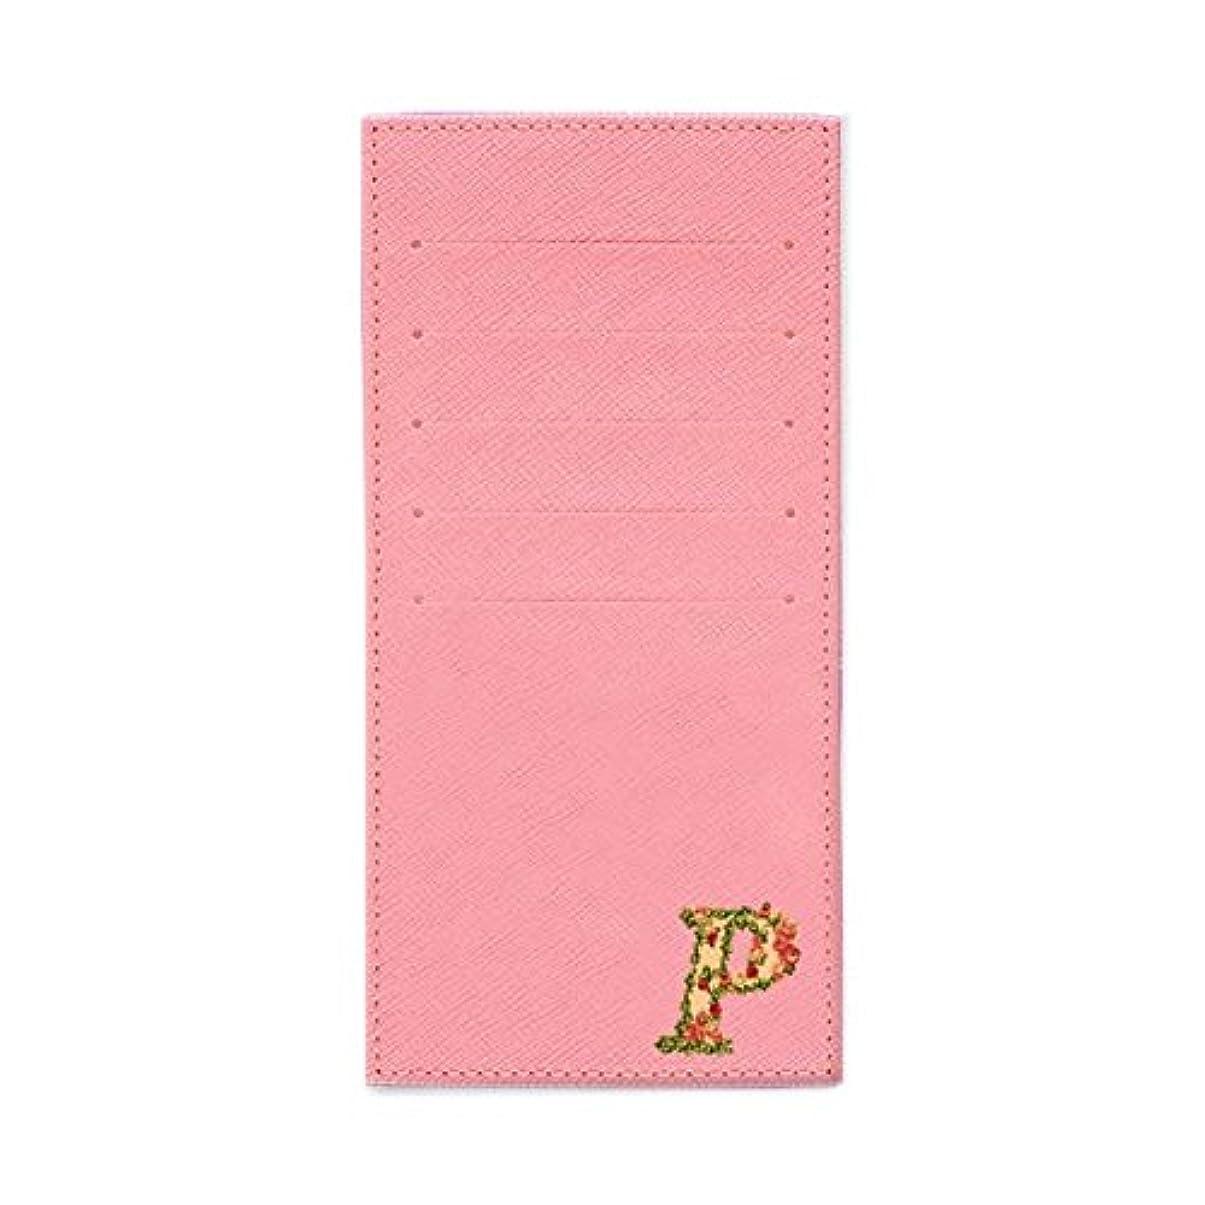 波エンドウ舗装するインナーカードケース 長財布用カードケース 10枚収納可能 カード入れ 収納 プレゼント ギフト 2804フラワーネーム ( P ) パウダーピンク